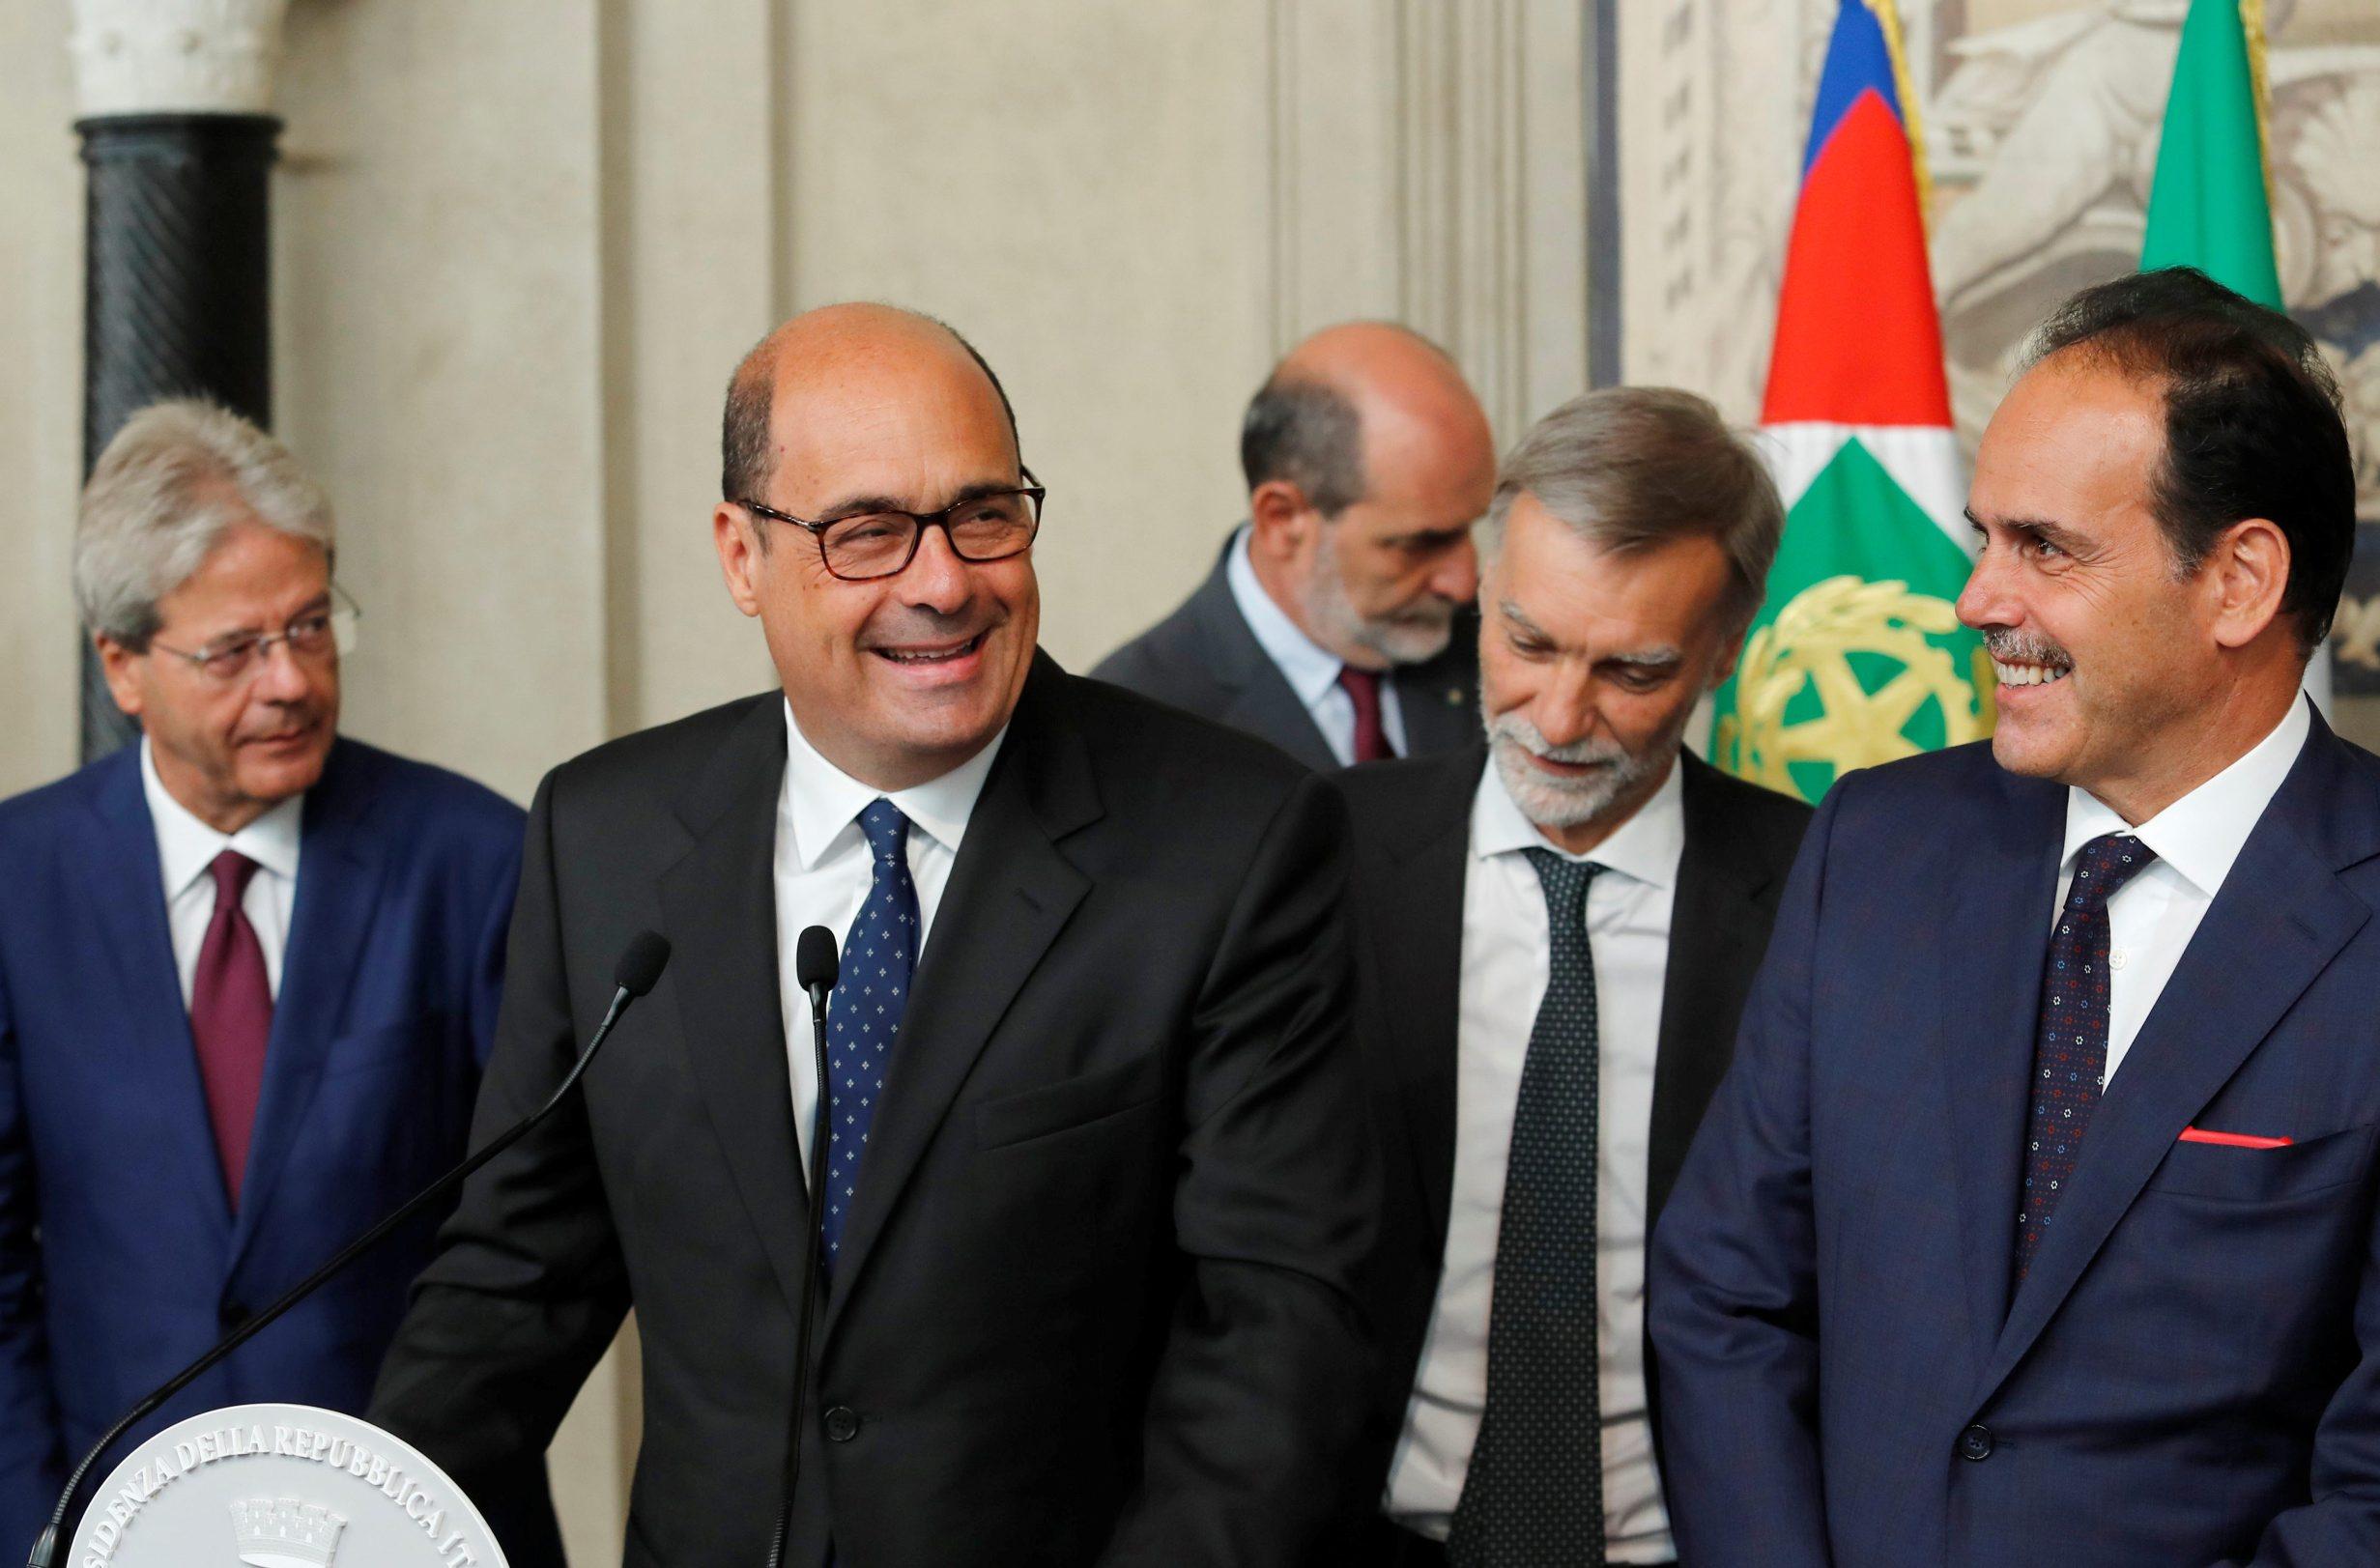 Nicola Zingaretti, Andrea Marcucci, Graziano Delrio i Paolo Gentiloni